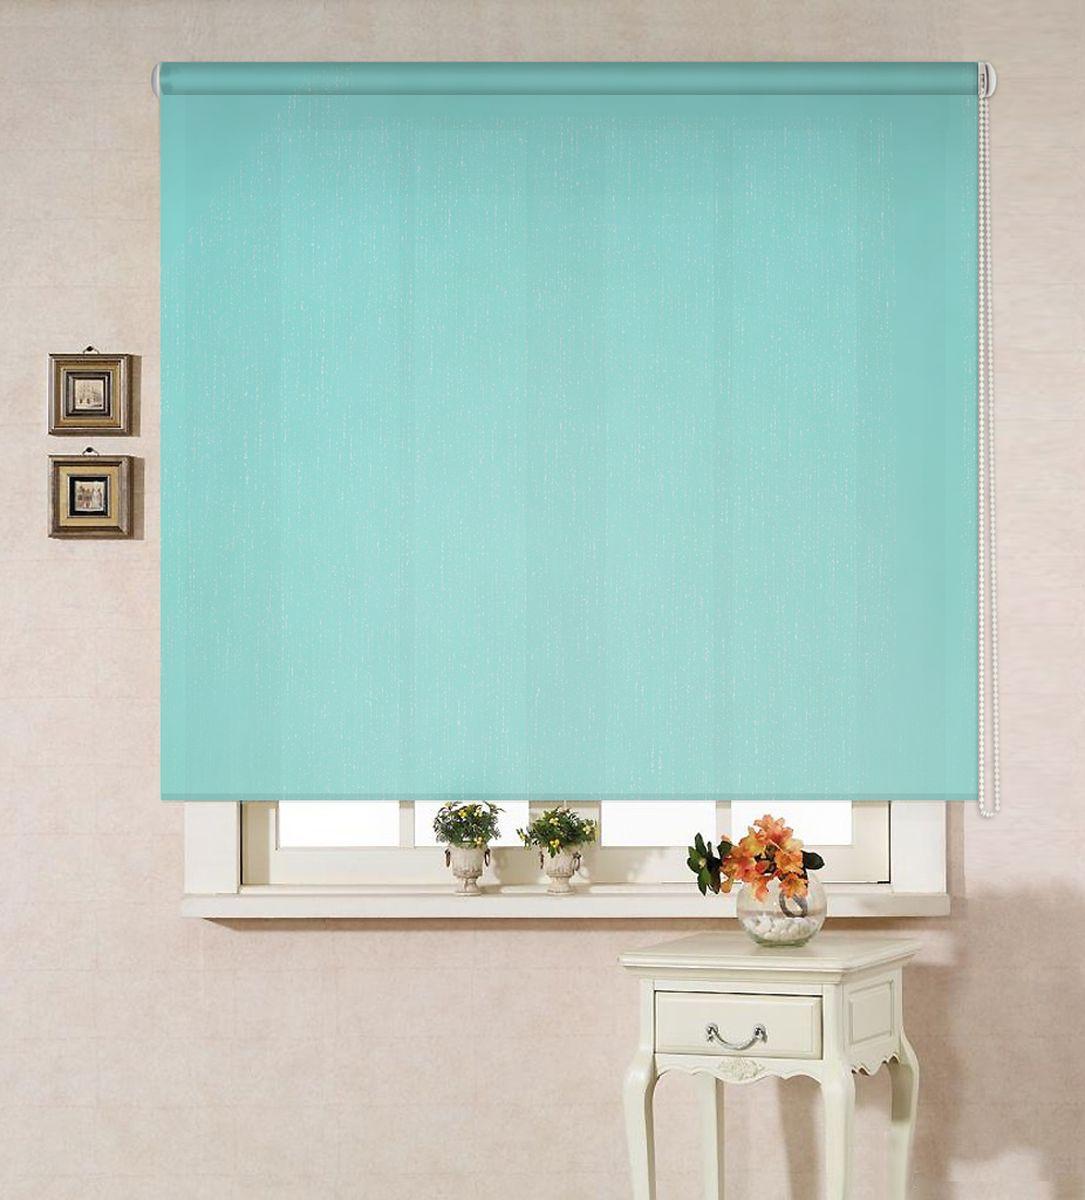 Штора рулонная Эскар Меланж, цвет: бирюзовый, ширина 120 см, высота 160 см804947120160Рулонными шторами Эскар Меланж можно оформлять окна как самостоятельно, так и использовать в комбинации с портьерами. Это поможет предотвратить выгорание дорогой ткани на солнце и соединит функционал рулонных с красотой навесных. Преимущества применения рулонных штор для пластиковых окон: - имеют прекрасный внешний вид: многообразие и фактурность материала изделия отлично смотрятся в любом интерьере;- многофункциональны: есть возможность подобрать шторы способные эффективно защитить комнату от солнца, при этом она не будет слишком темной;- есть возможность осуществить быстрый монтаж.ВНИМАНИЕ! Размеры ширины изделия указаны по ширине ткани! Во время эксплуатации не рекомендуется полностью разматывать рулон, чтобы не оторвать ткань от намоточного вала. В случае загрязнения поверхности ткани, чистку шторы проводят одним из способов, в зависимости от типа загрязнения:легкое поверхностное загрязнение можно удалить при помощи канцелярского ластика;чистка от пыли производится сухим методом при помощи пылесоса с мягкой щеткой-насадкой;для удаления пятна используйте мягкую губку с пенообразующим неагрессивным моющим средством или пятновыводитель на натуральной основе (нельзя применять растворители).